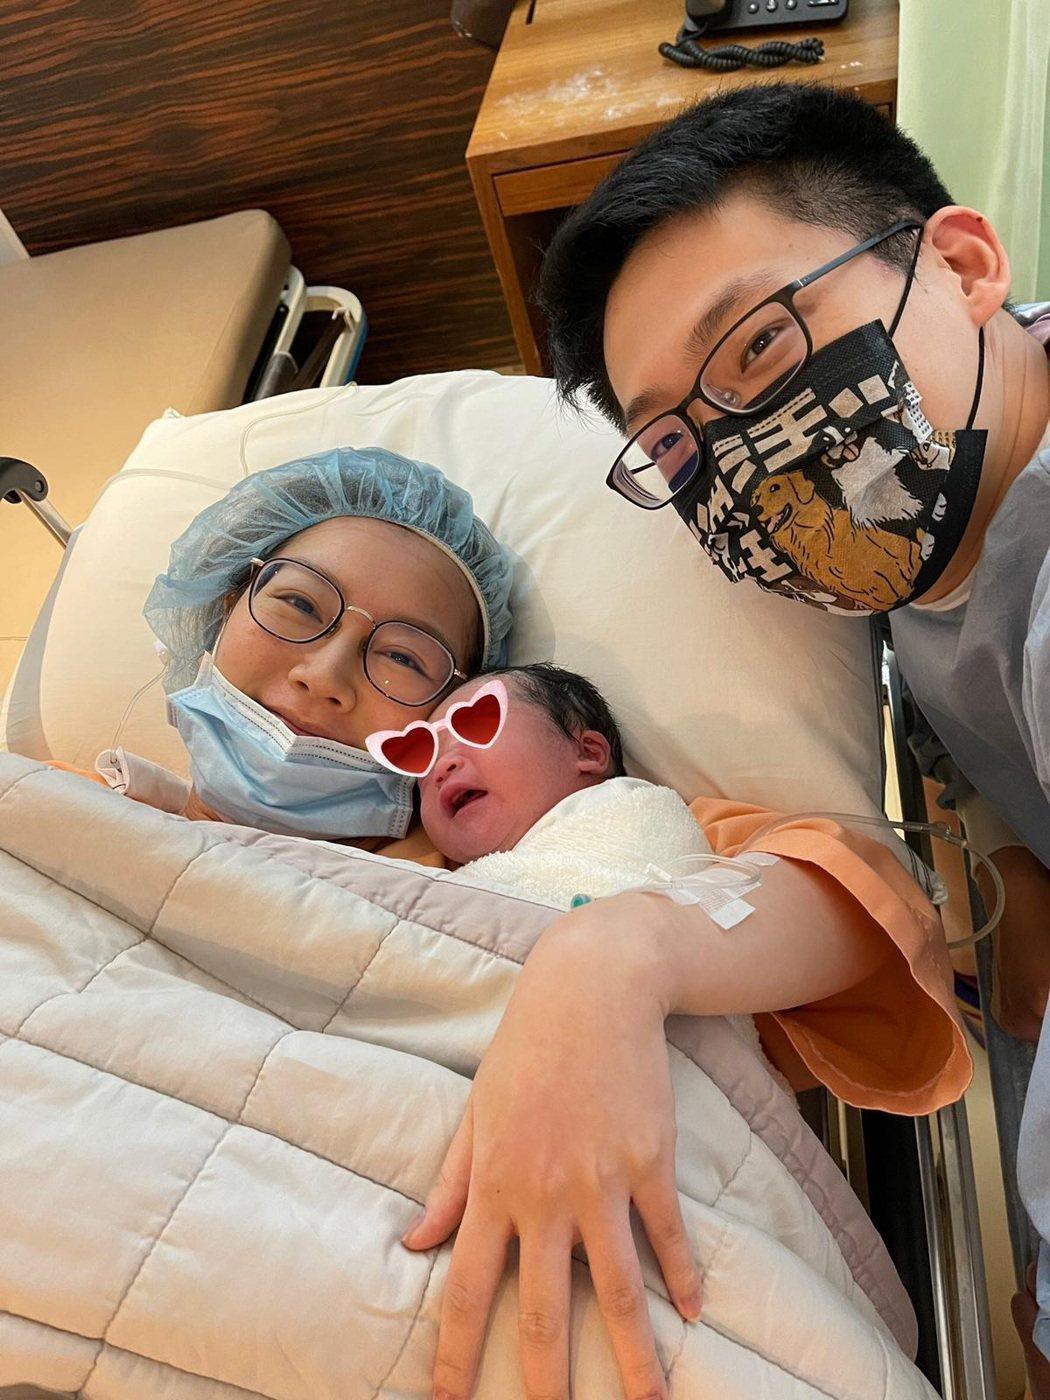 女星陶嫚曼產下第二胎,老公陪伴在旁邊很幸福。圖/陶嫚曼提供